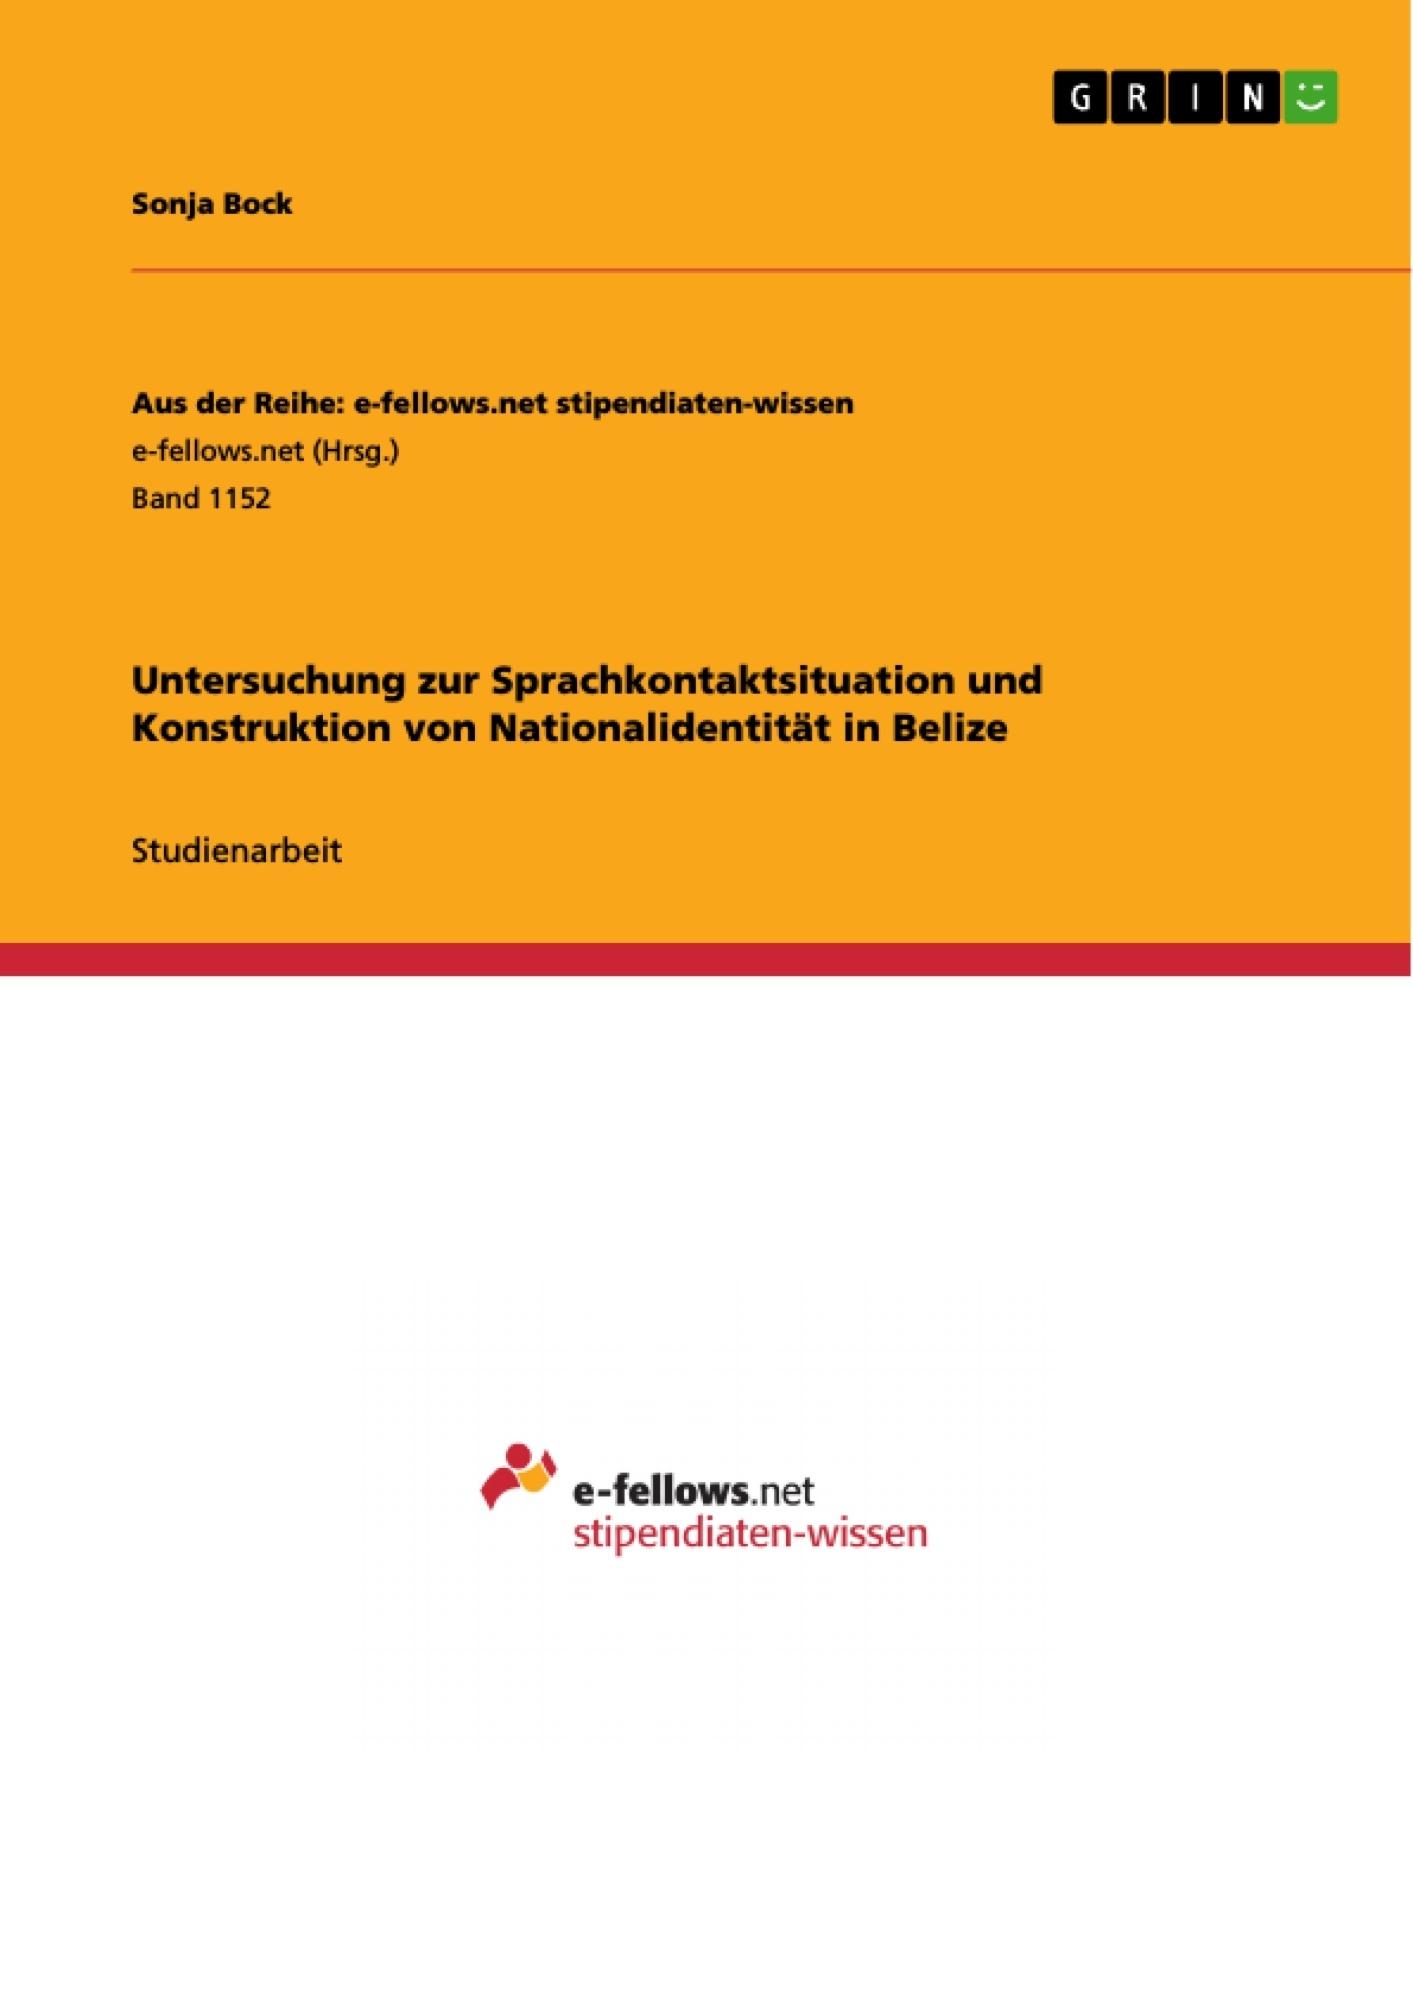 Titel: Untersuchung zur Sprachkontaktsituation und Konstruktion von Nationalidentität in Belize